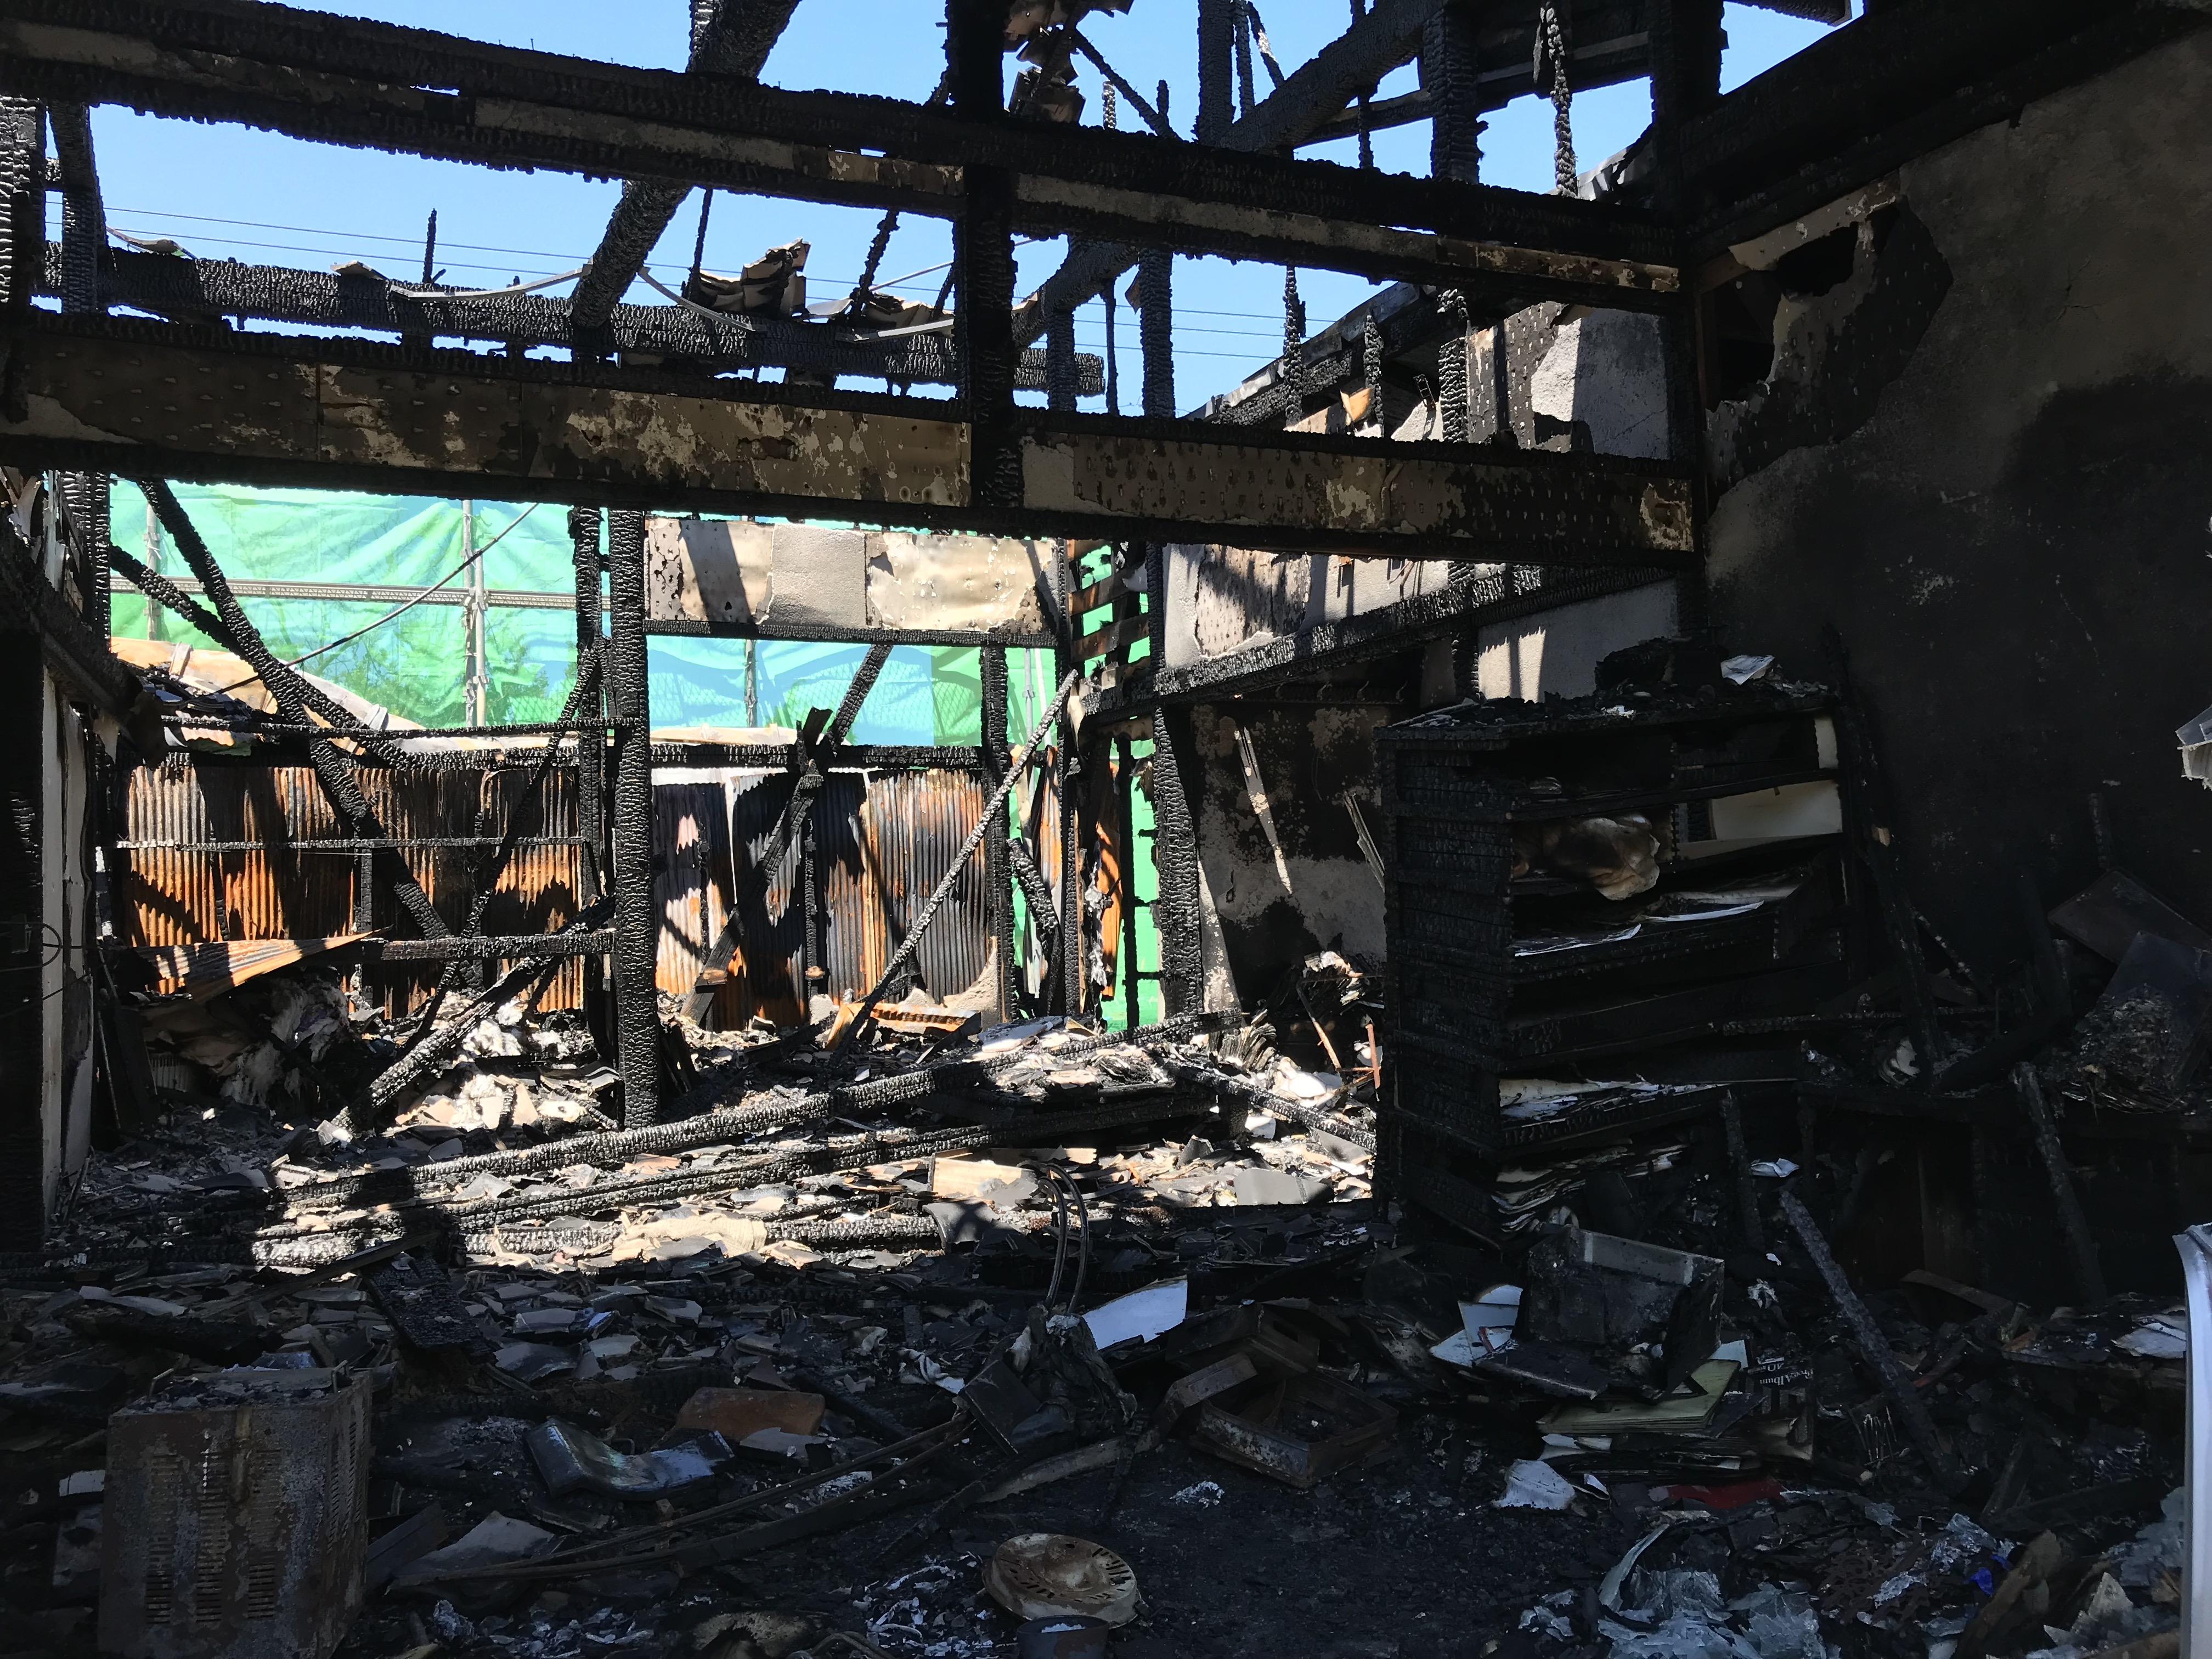 実話】祖母の家が火事で全焼してしまいました / 家族の意外な行動や ...